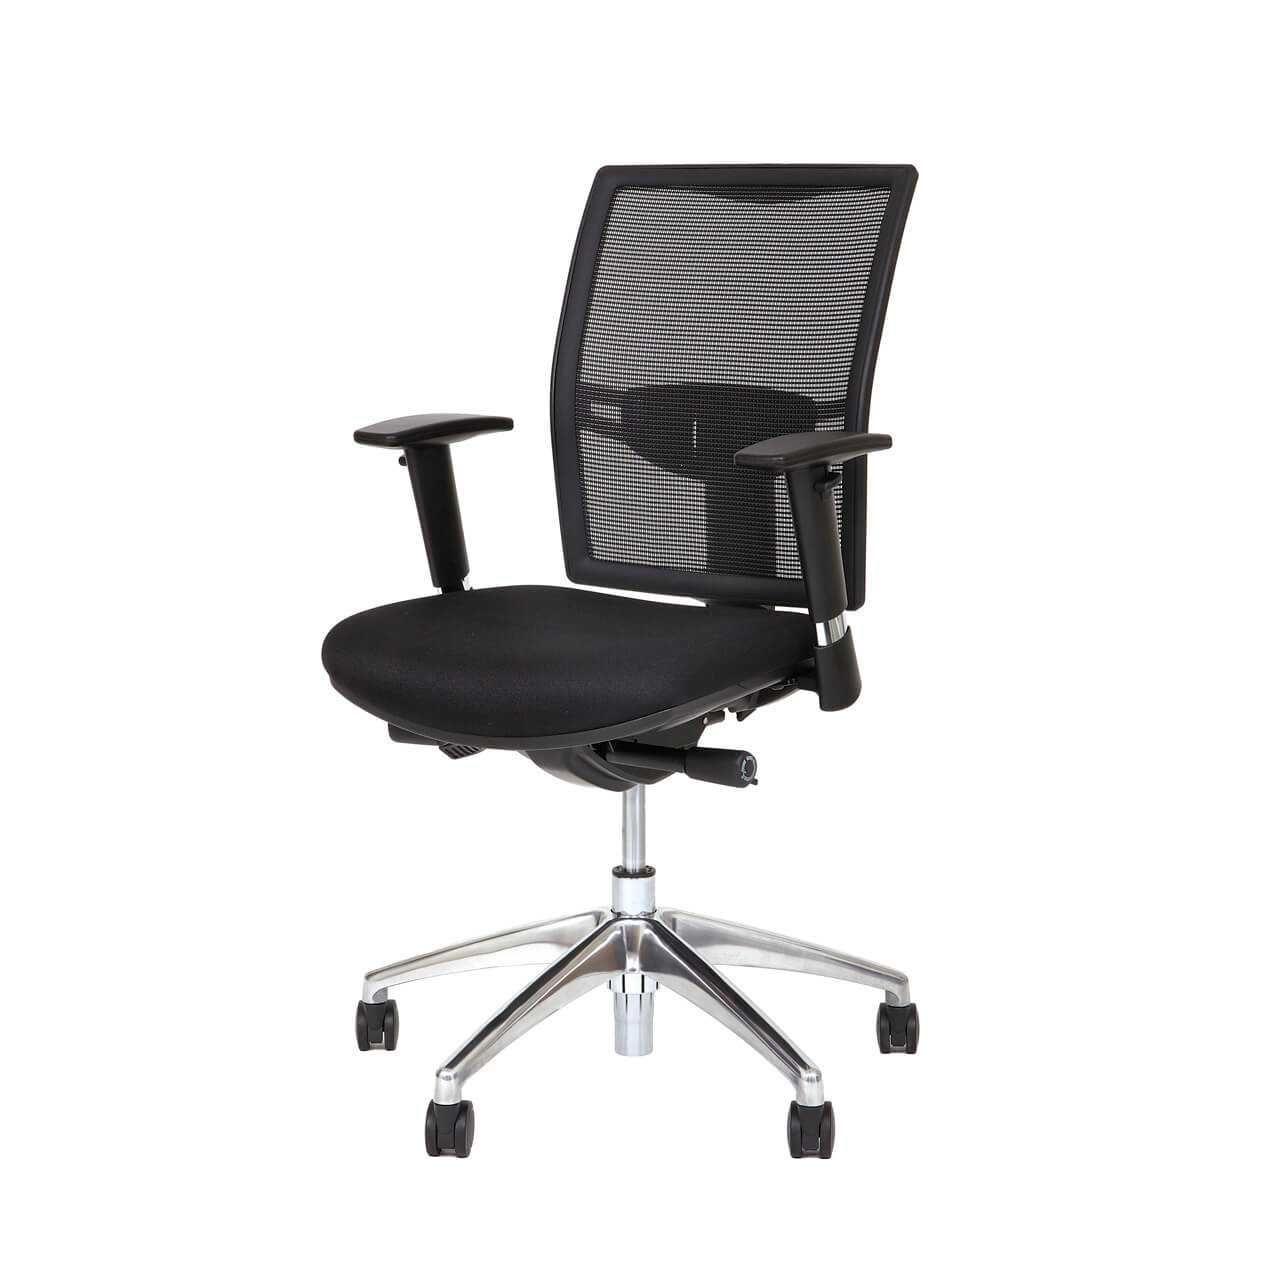 Budget netweave ergonomische bureaustoelen STKACS706 0001s 0004 Schuin